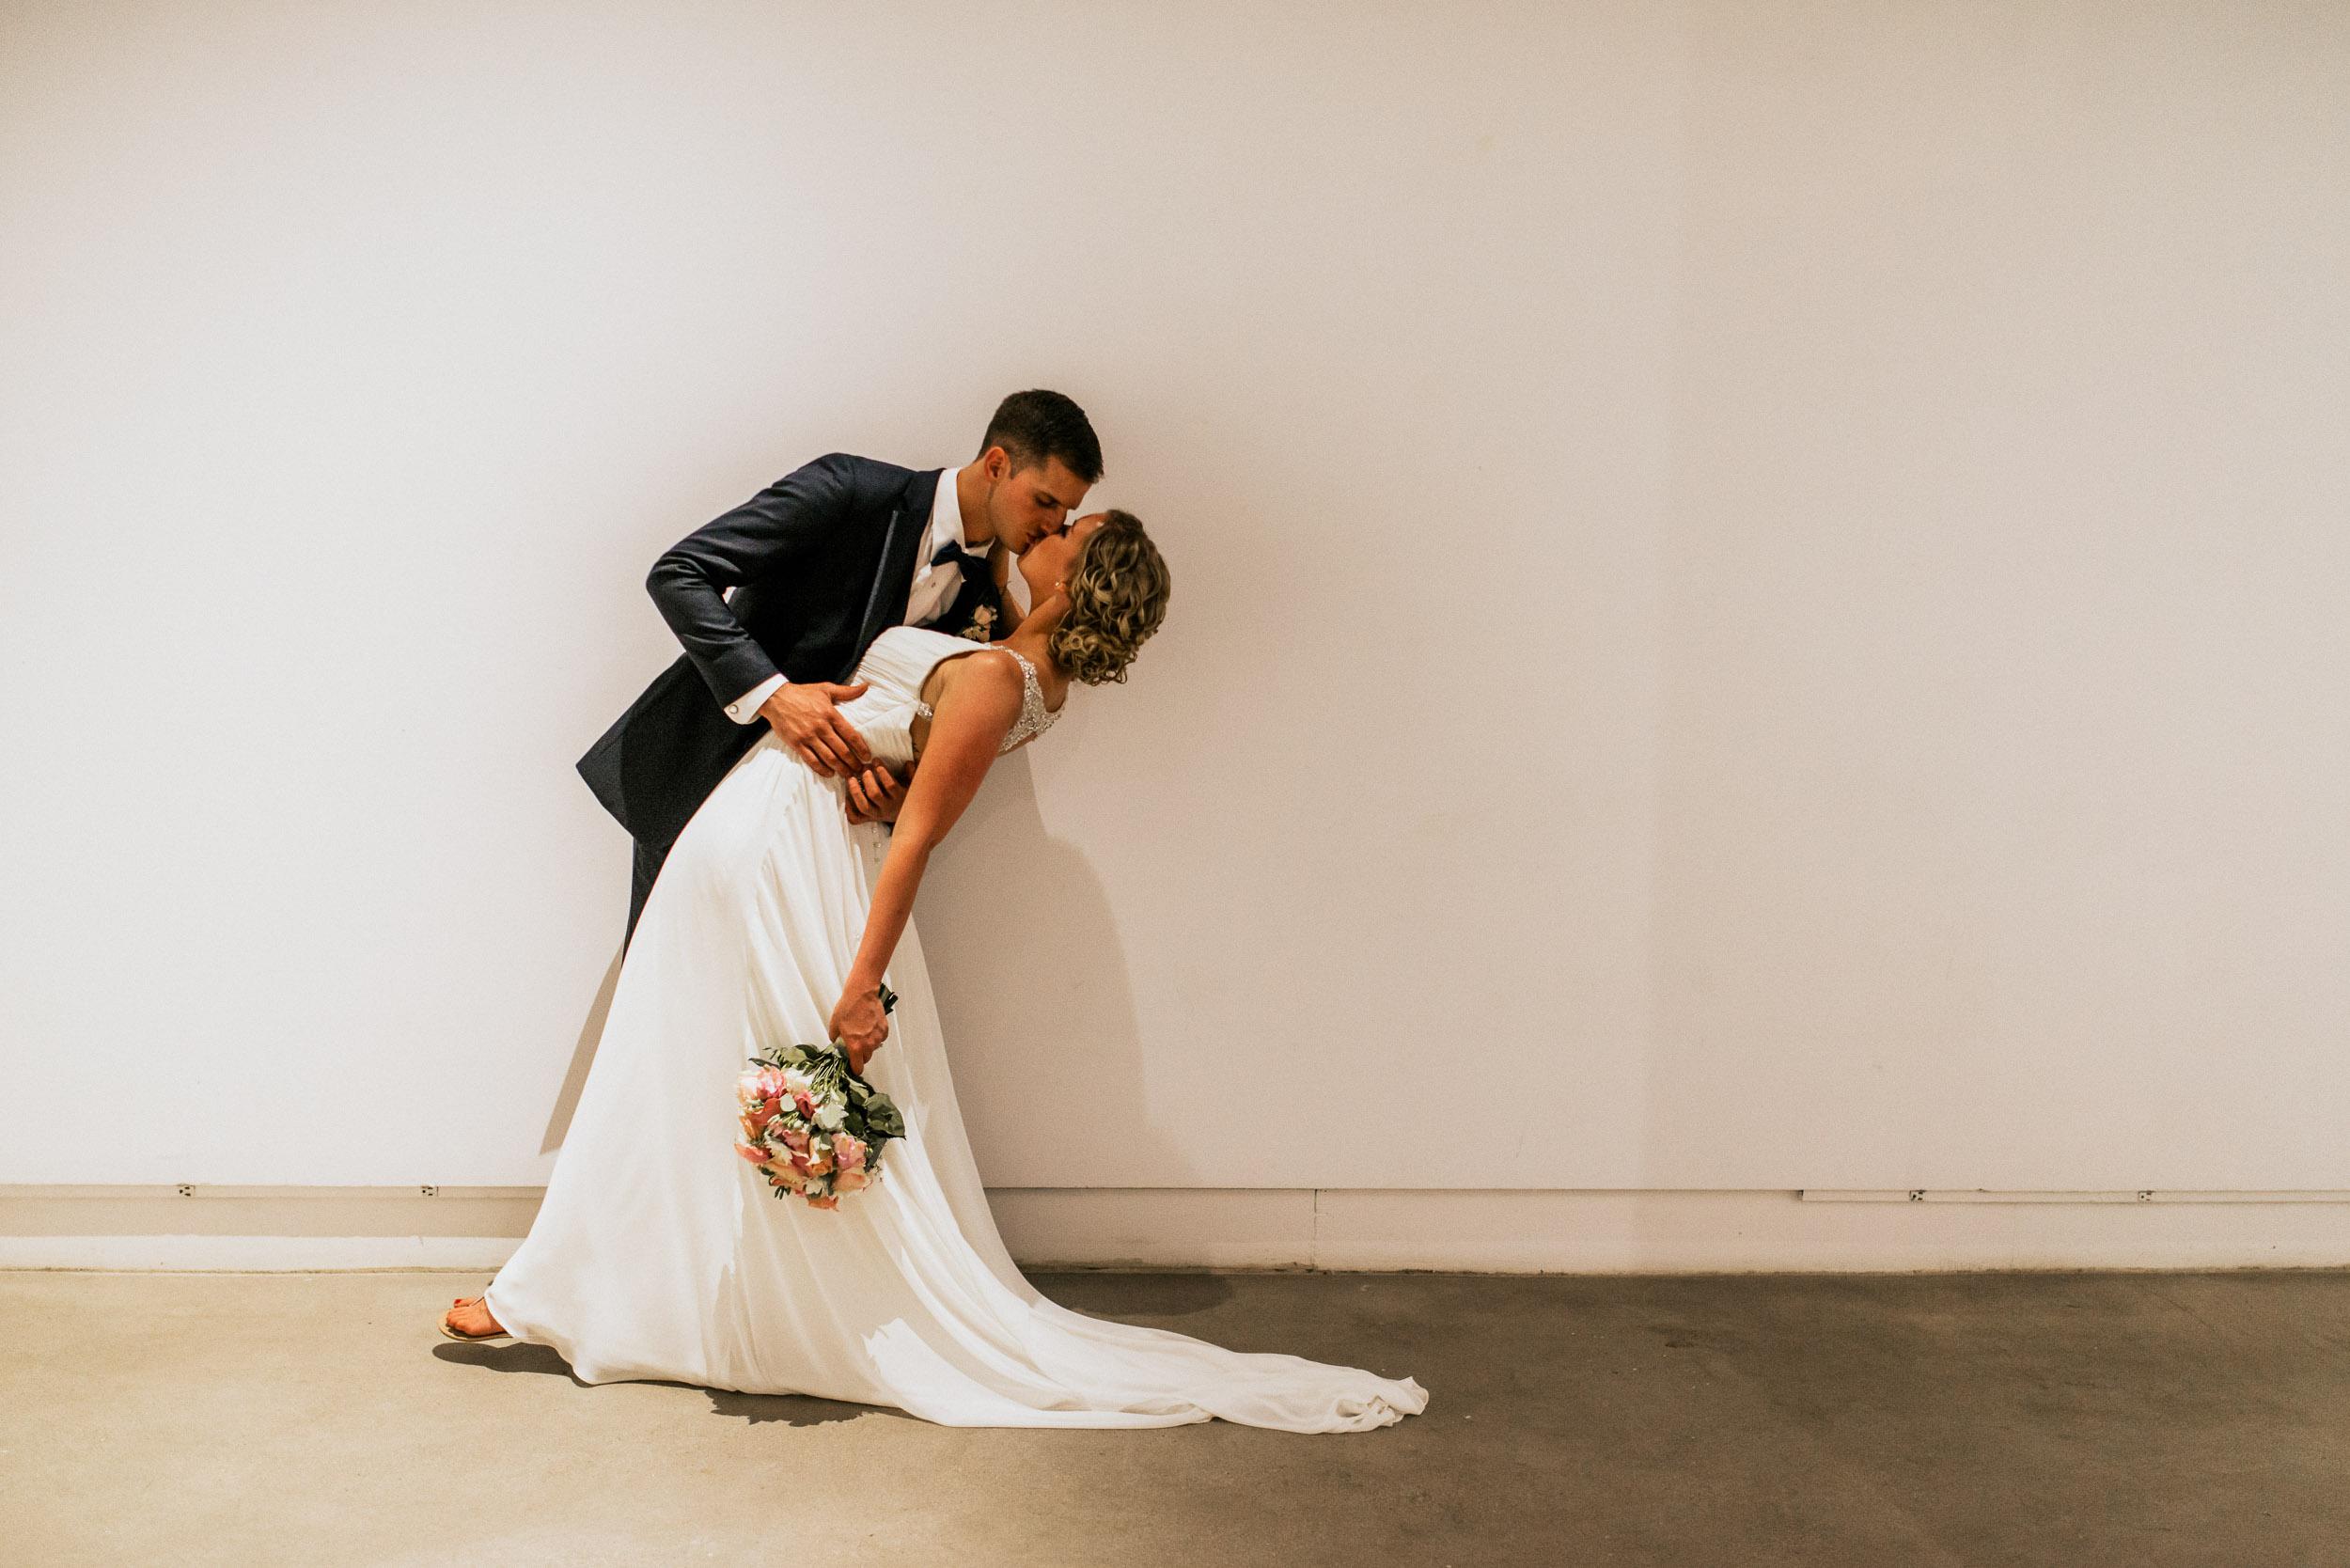 wedding-photography-stratford-davidiam-221.jpg